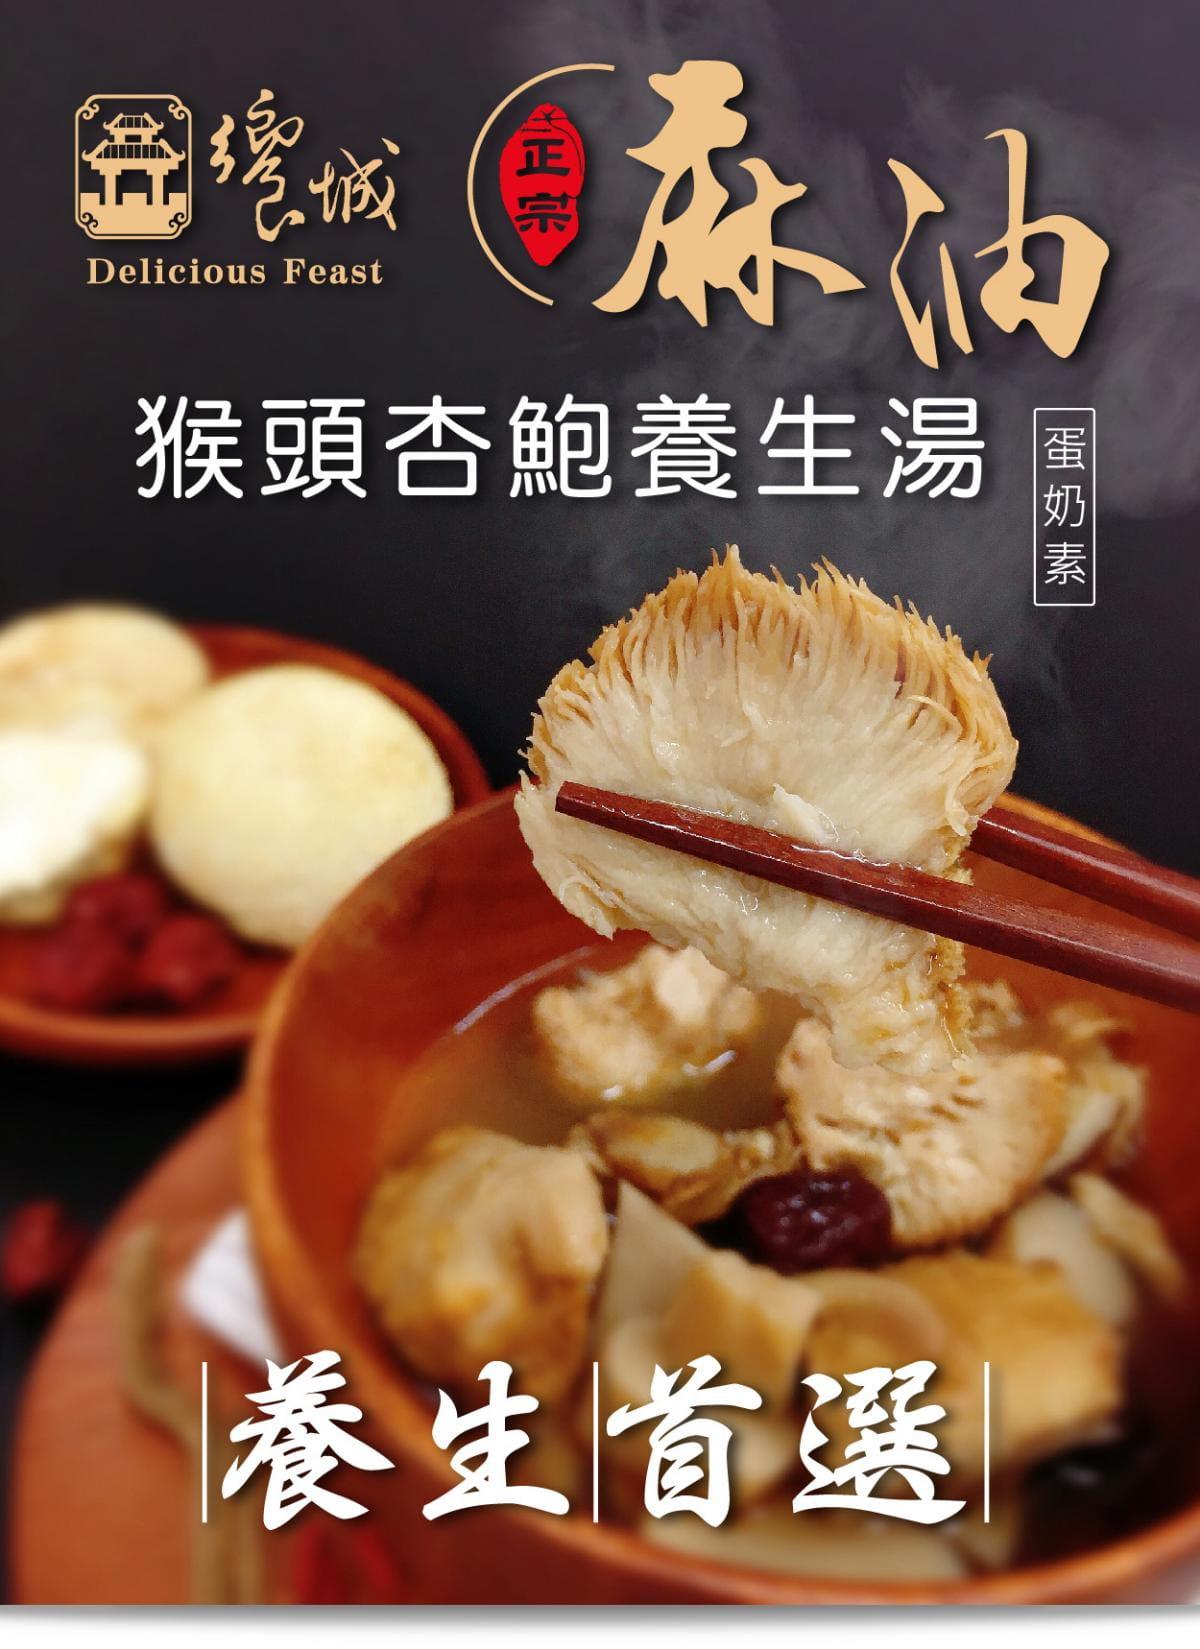 饗城麻油猴頭杏鮑菇 1